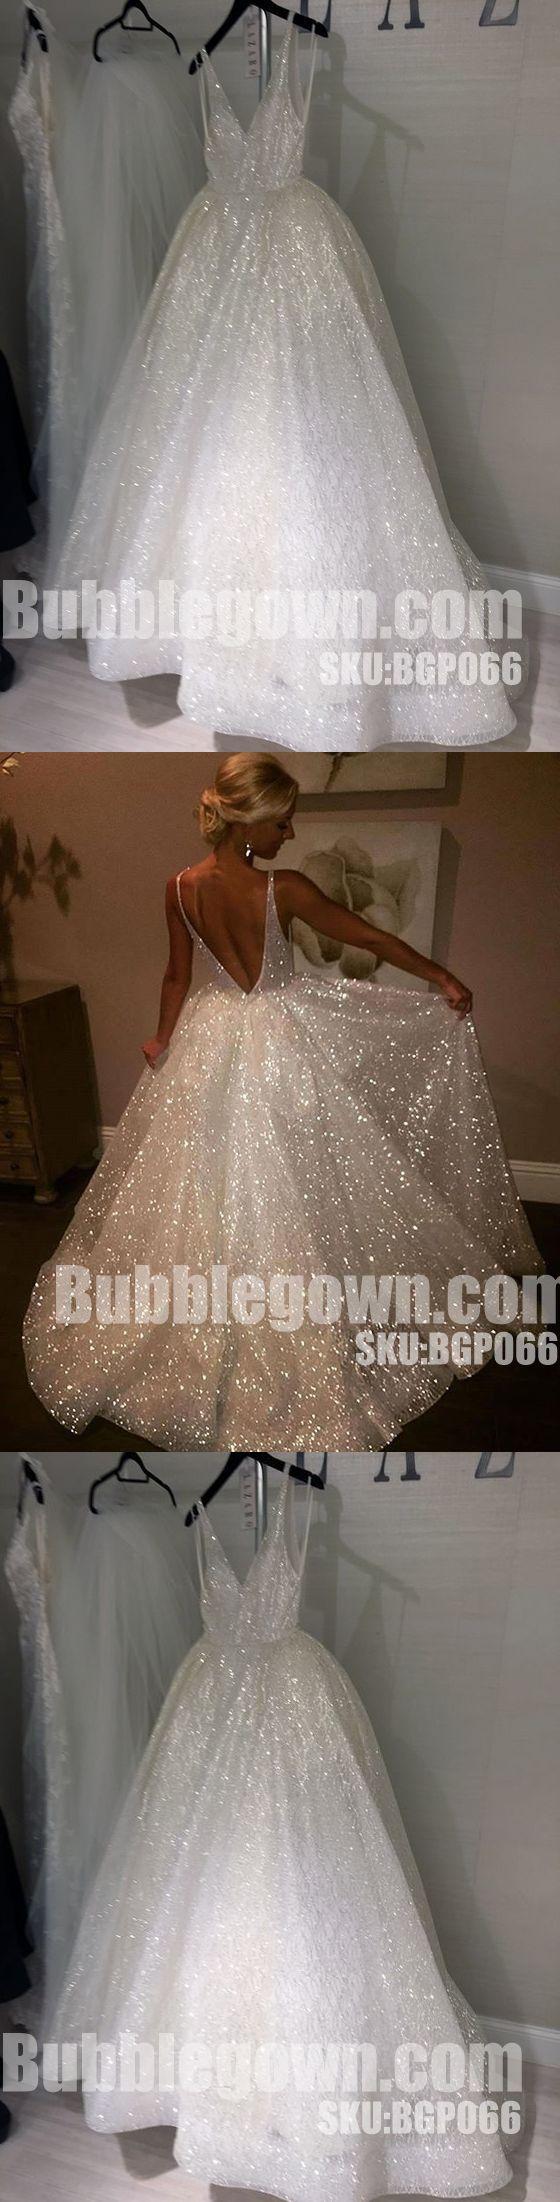 Sparkle V Neck Elegant V Back Best Sale Evening Long Prom Dress, BGP066 #promdress #promdresses #longpromdress #longpromdresses